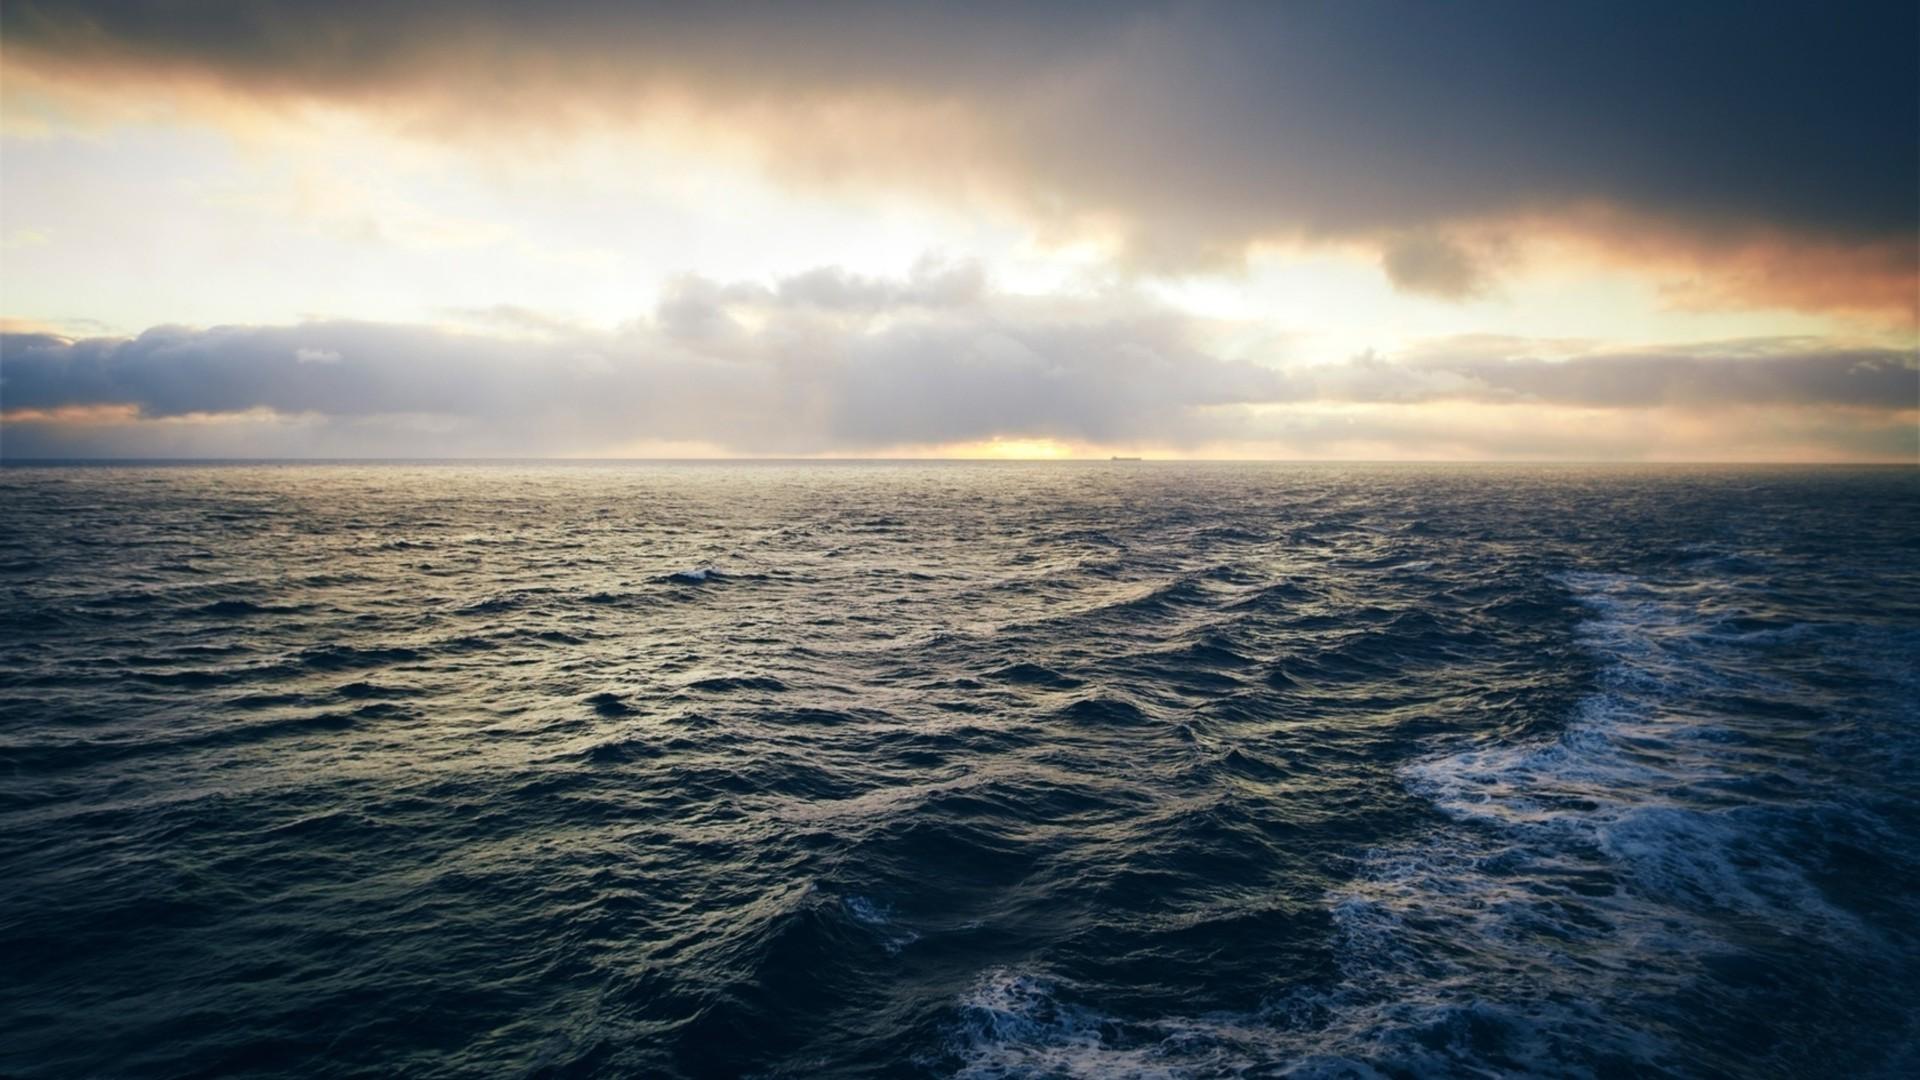 море перед бурей  № 3112499 загрузить